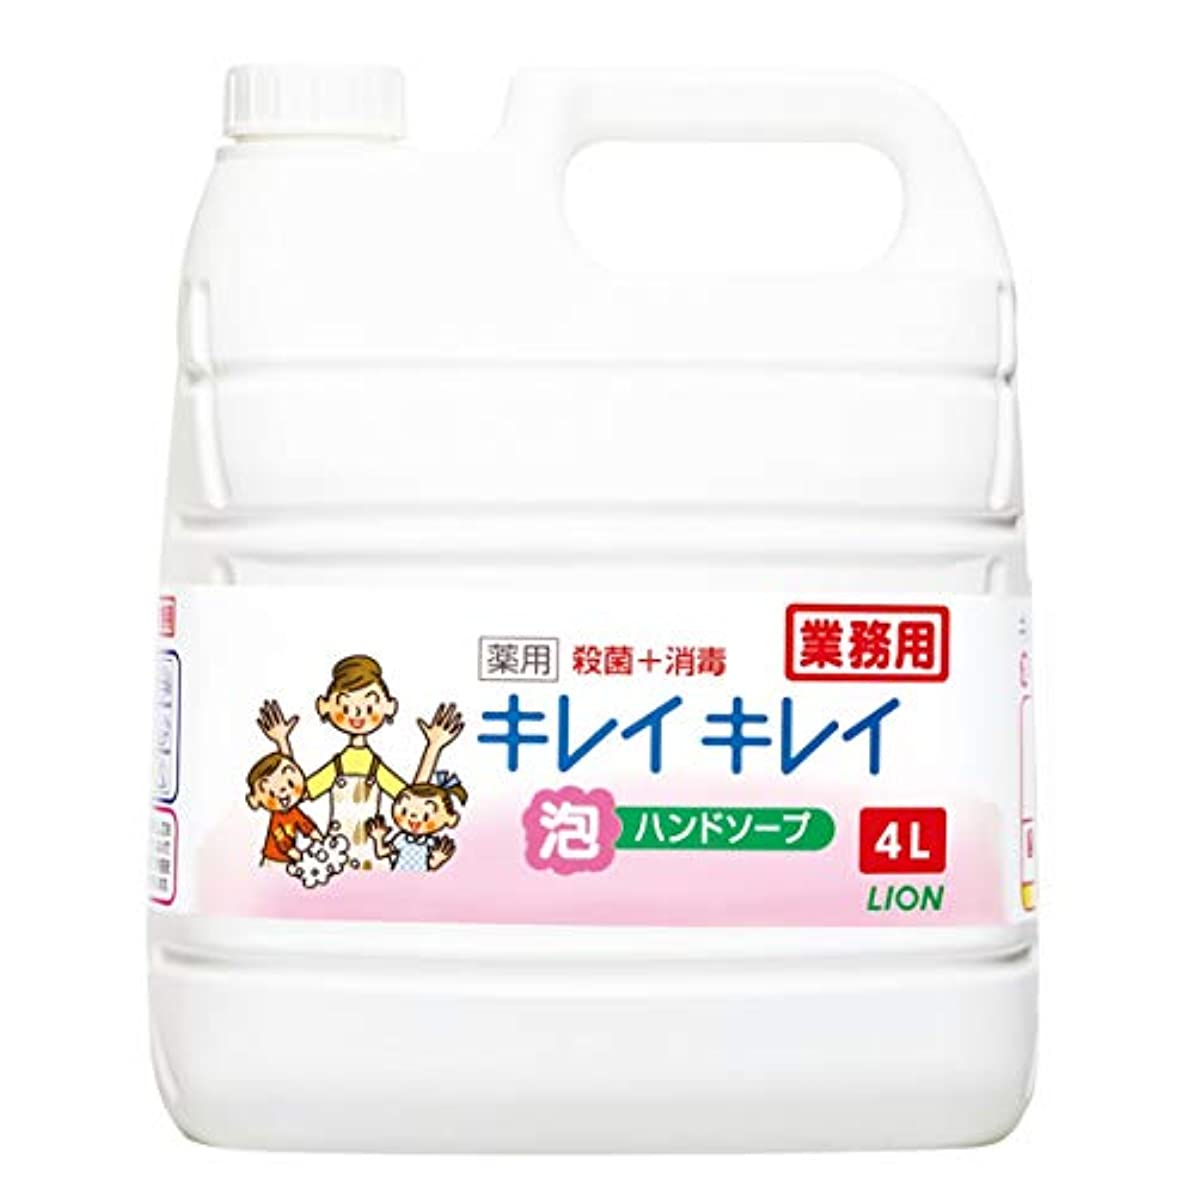 アカデミック威する生【業務用 大容量】キレイキレイ 薬用 泡ハンドソープ シトラスフルーティの香り 液体 単品 4L(医薬部外品)